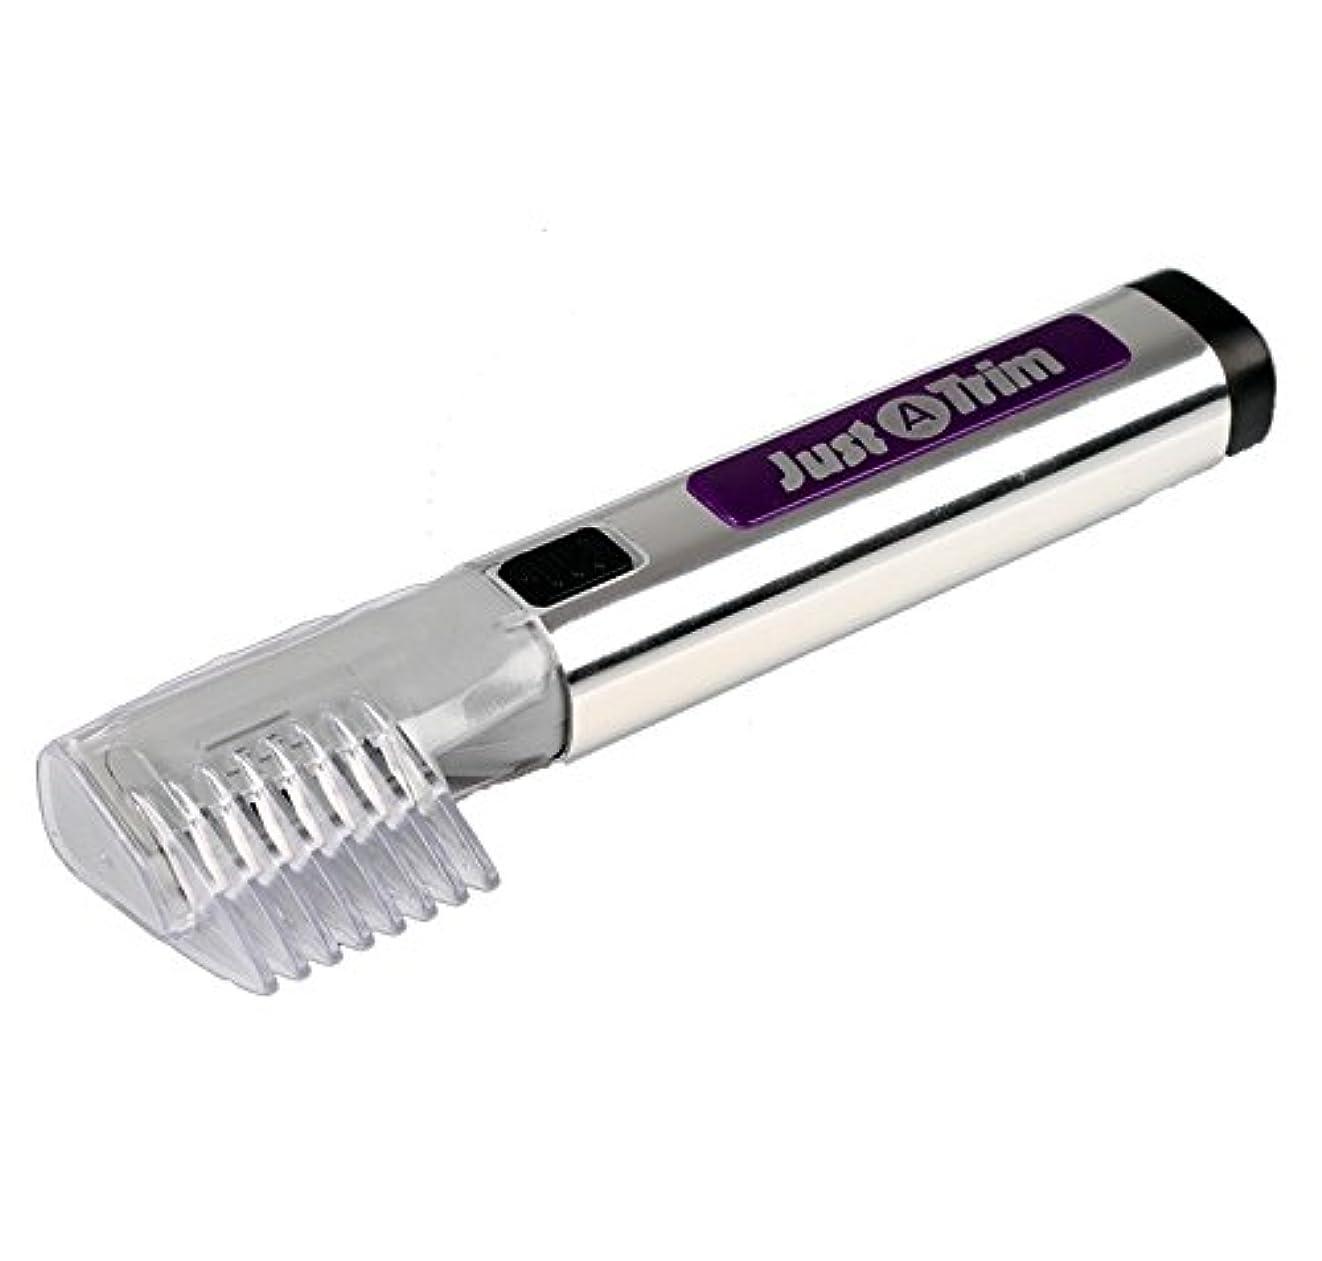 第三フルーツ野菜リサイクルする無駄 毛 トリマー 電池 式 電動 カミソリ 眉毛 ヒゲ 整髪 SD-EH-113